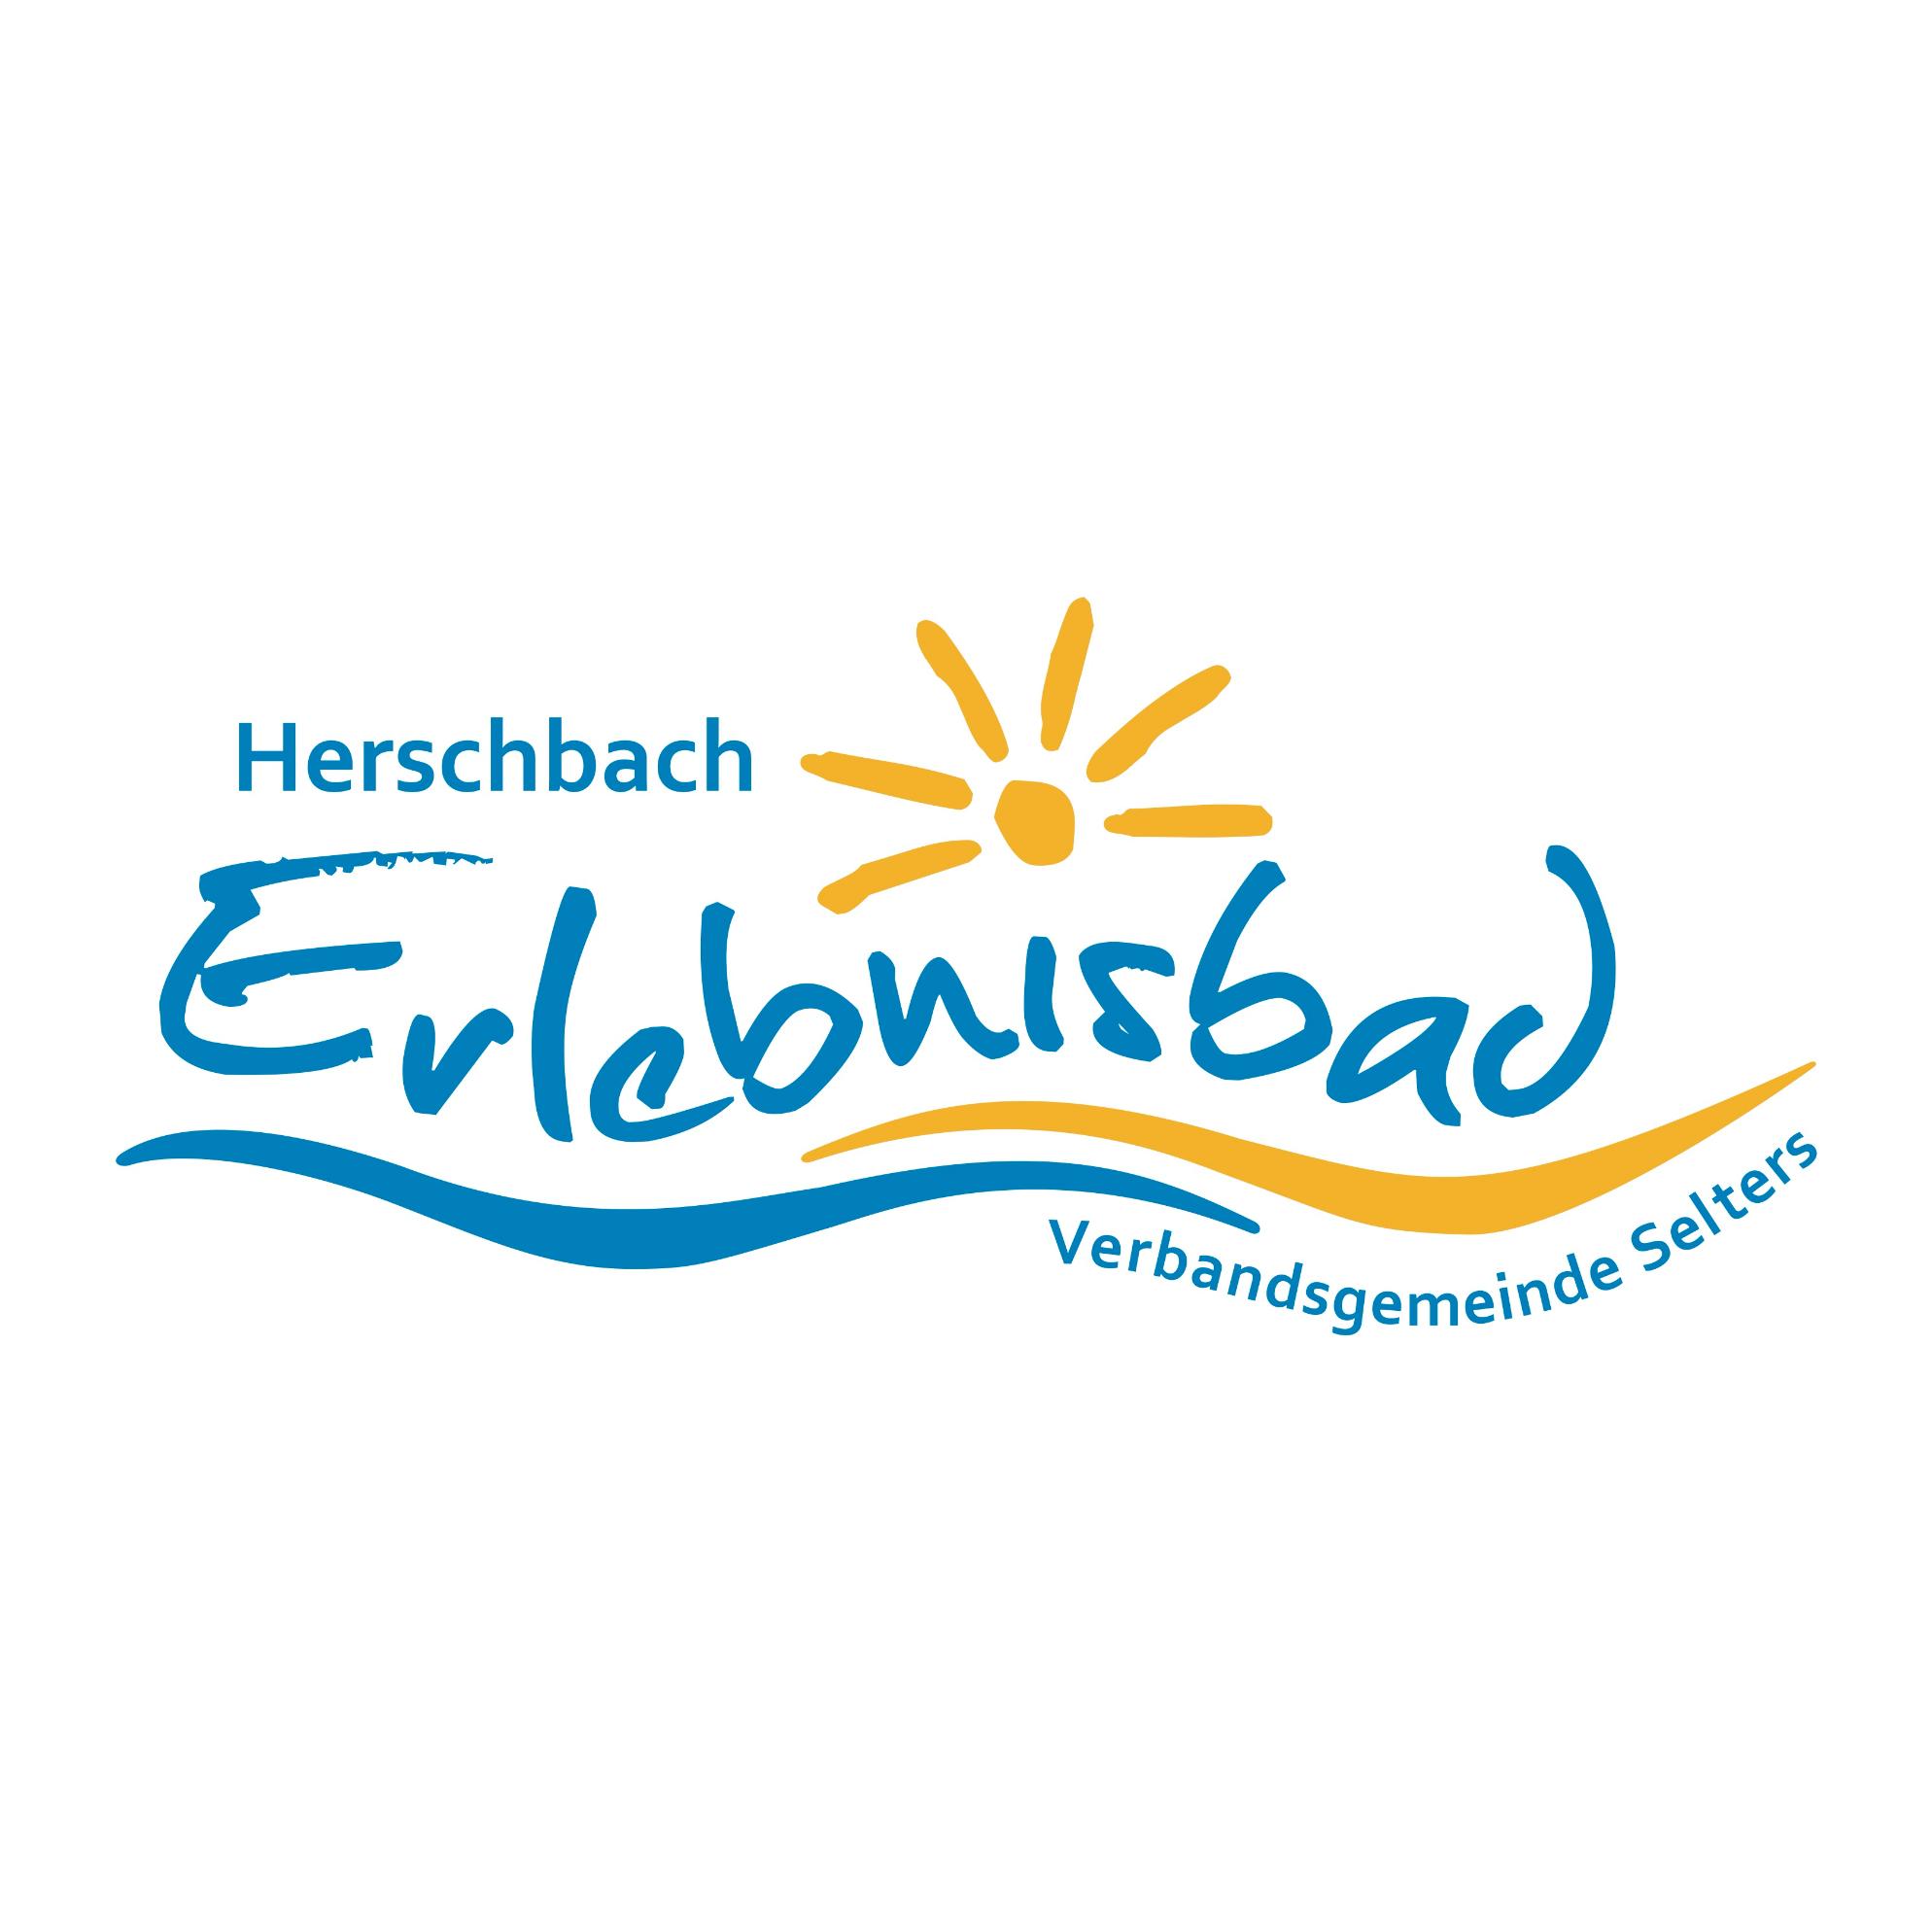 Erlebnisbad Herschbach